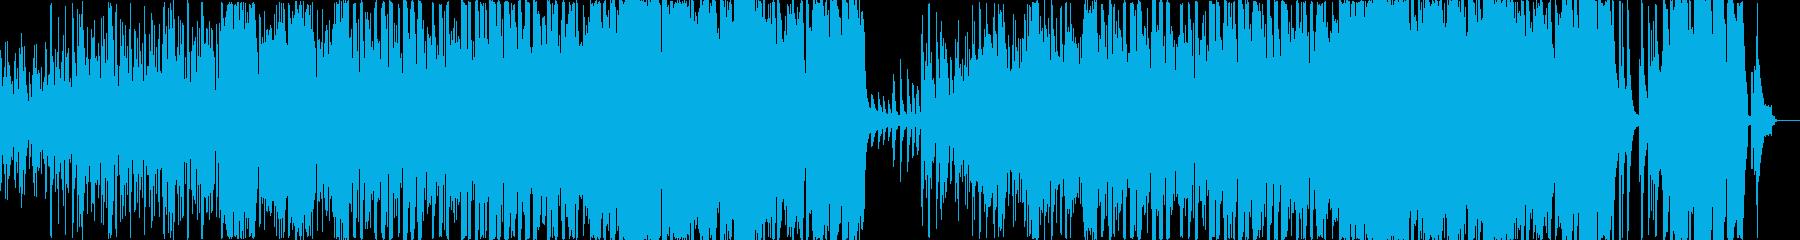 起承転結のある温かいピアノオーケストラの再生済みの波形